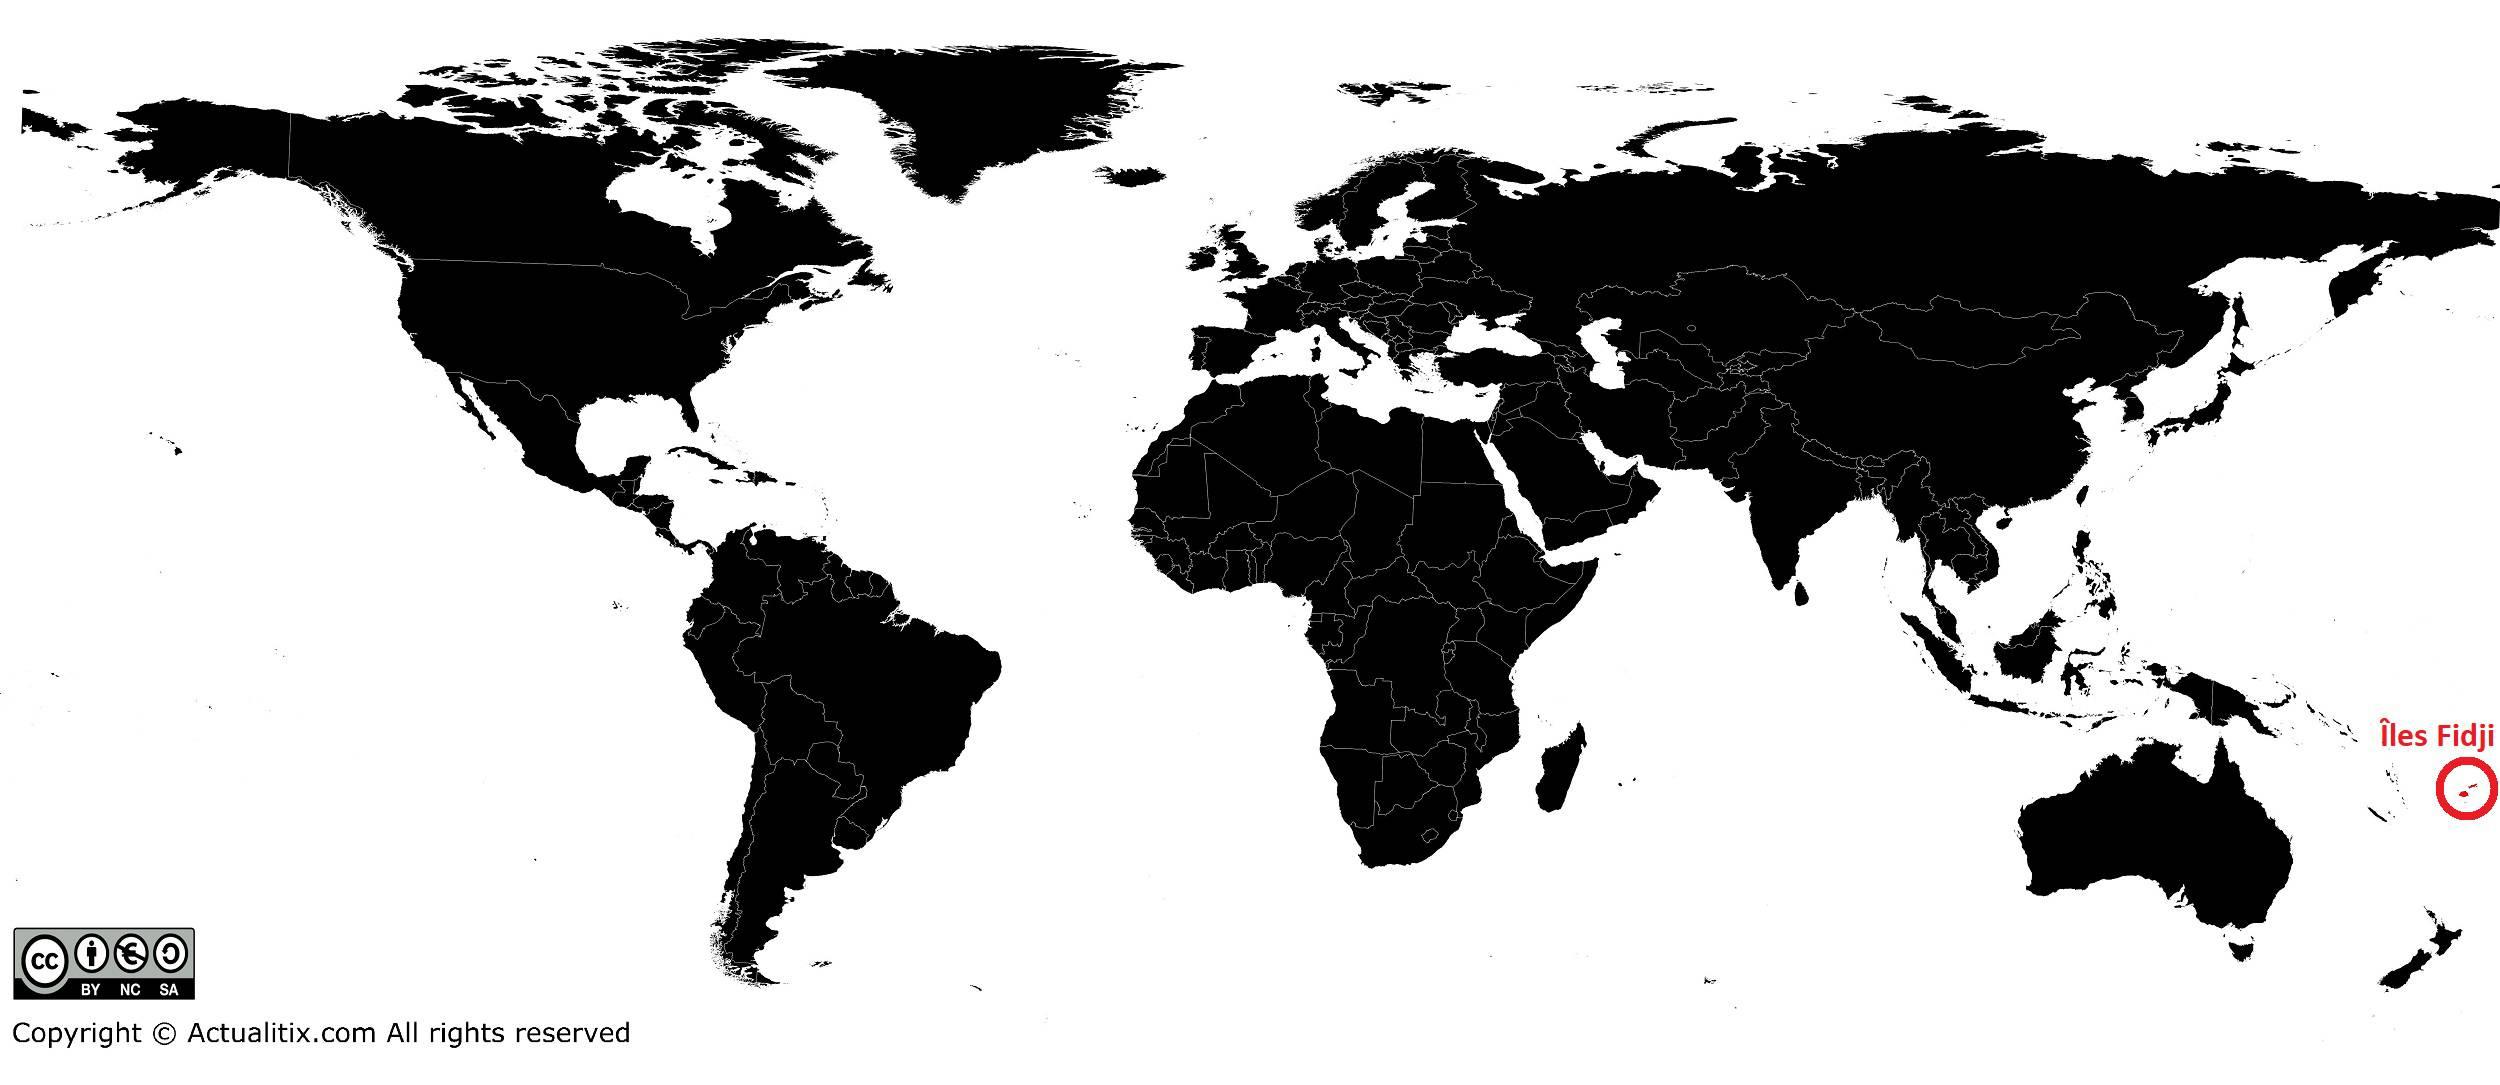 Îles Fidji sur une carte du monde